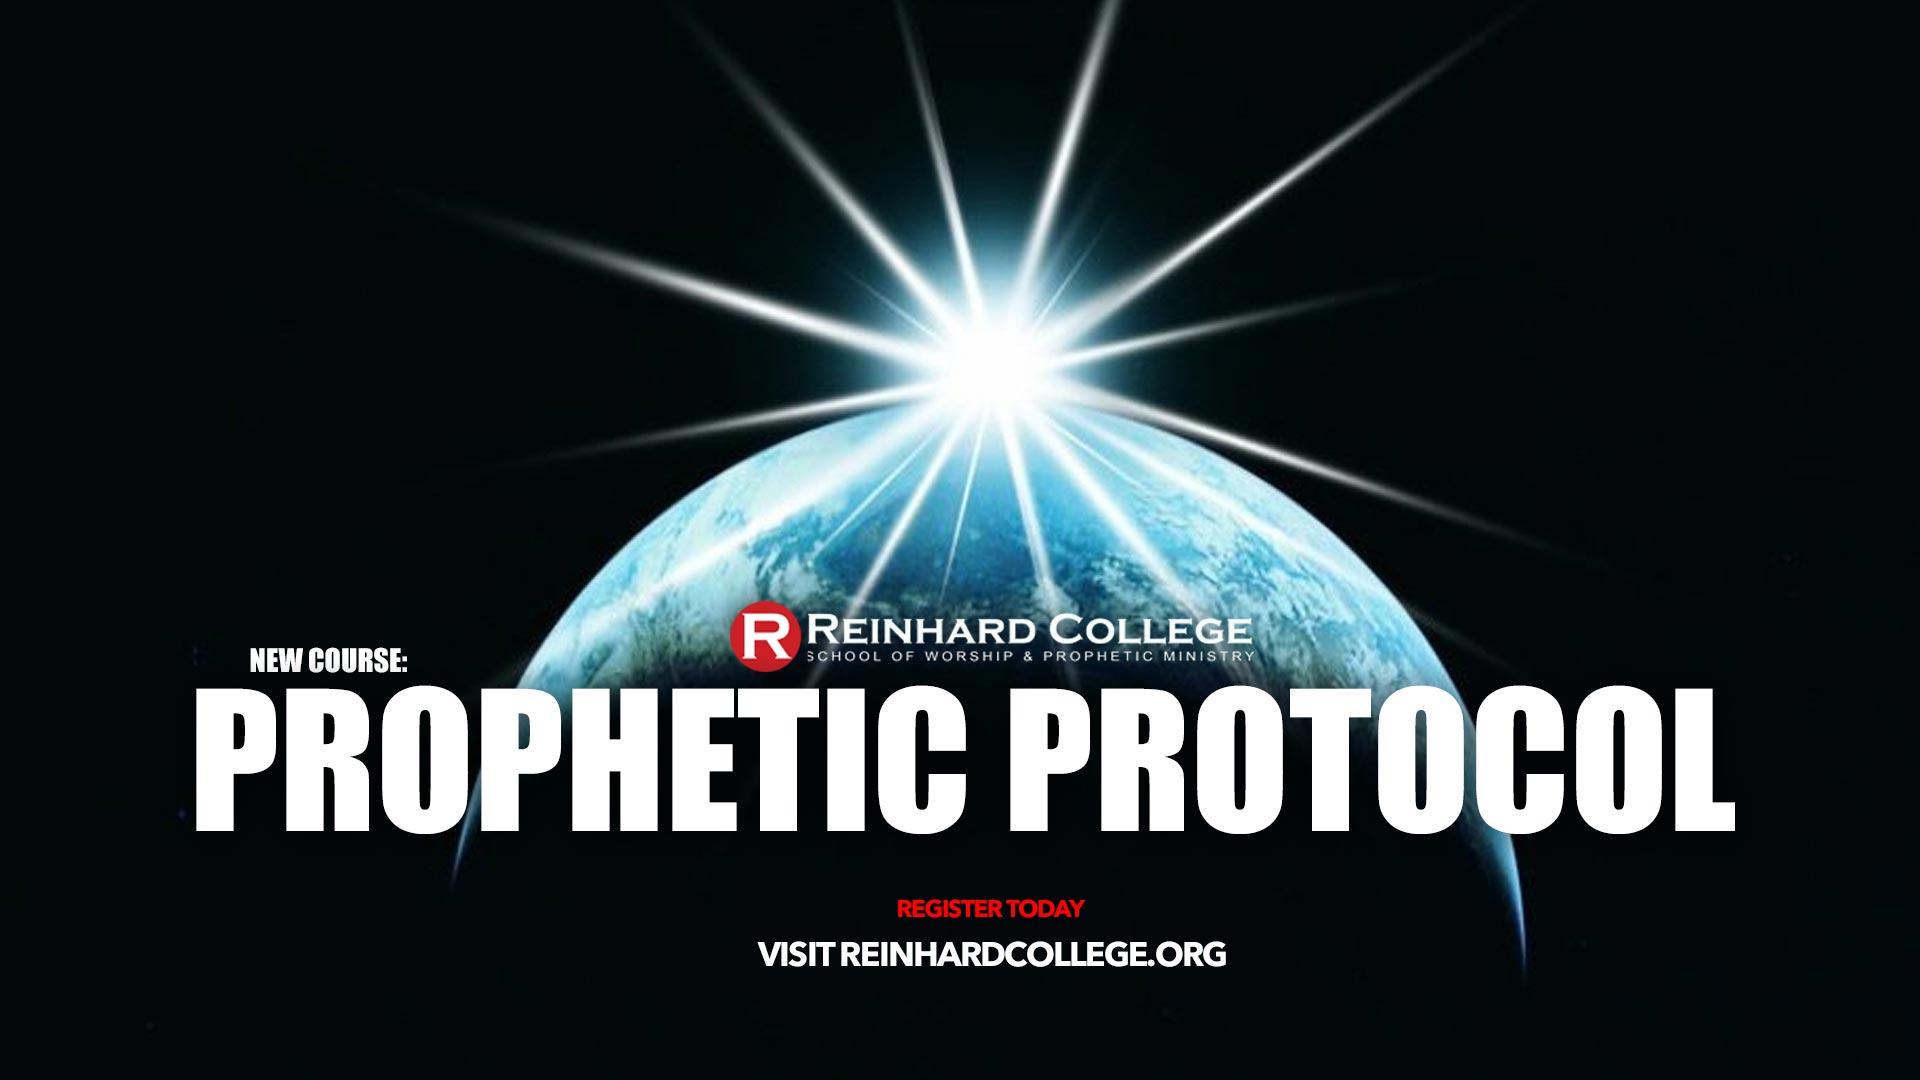 PropheticProtocol